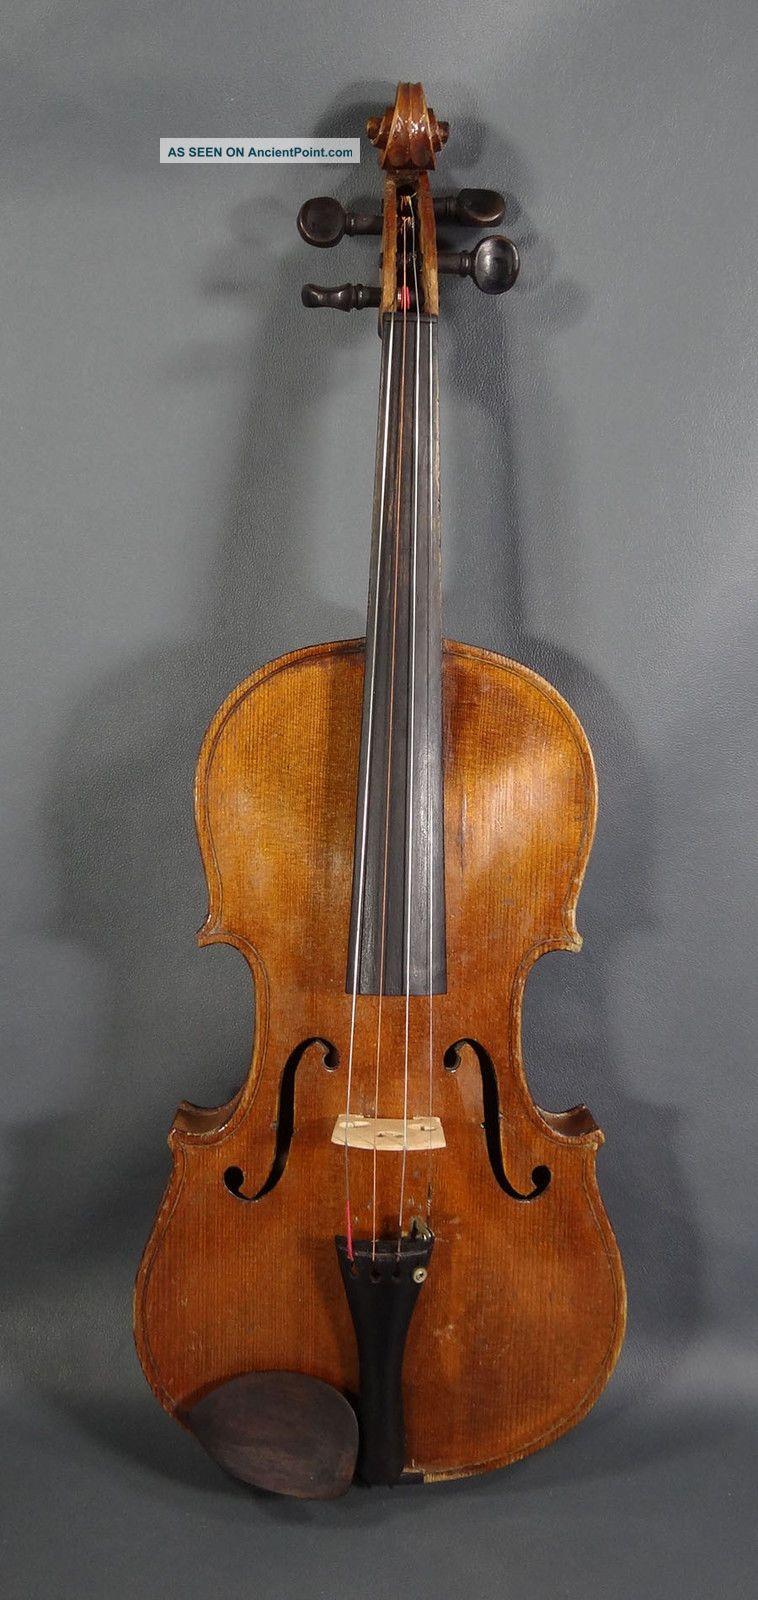 Antique German 4/4 Violin Fiddle Soloist Master Instrument Antonius Stradivarius String photo